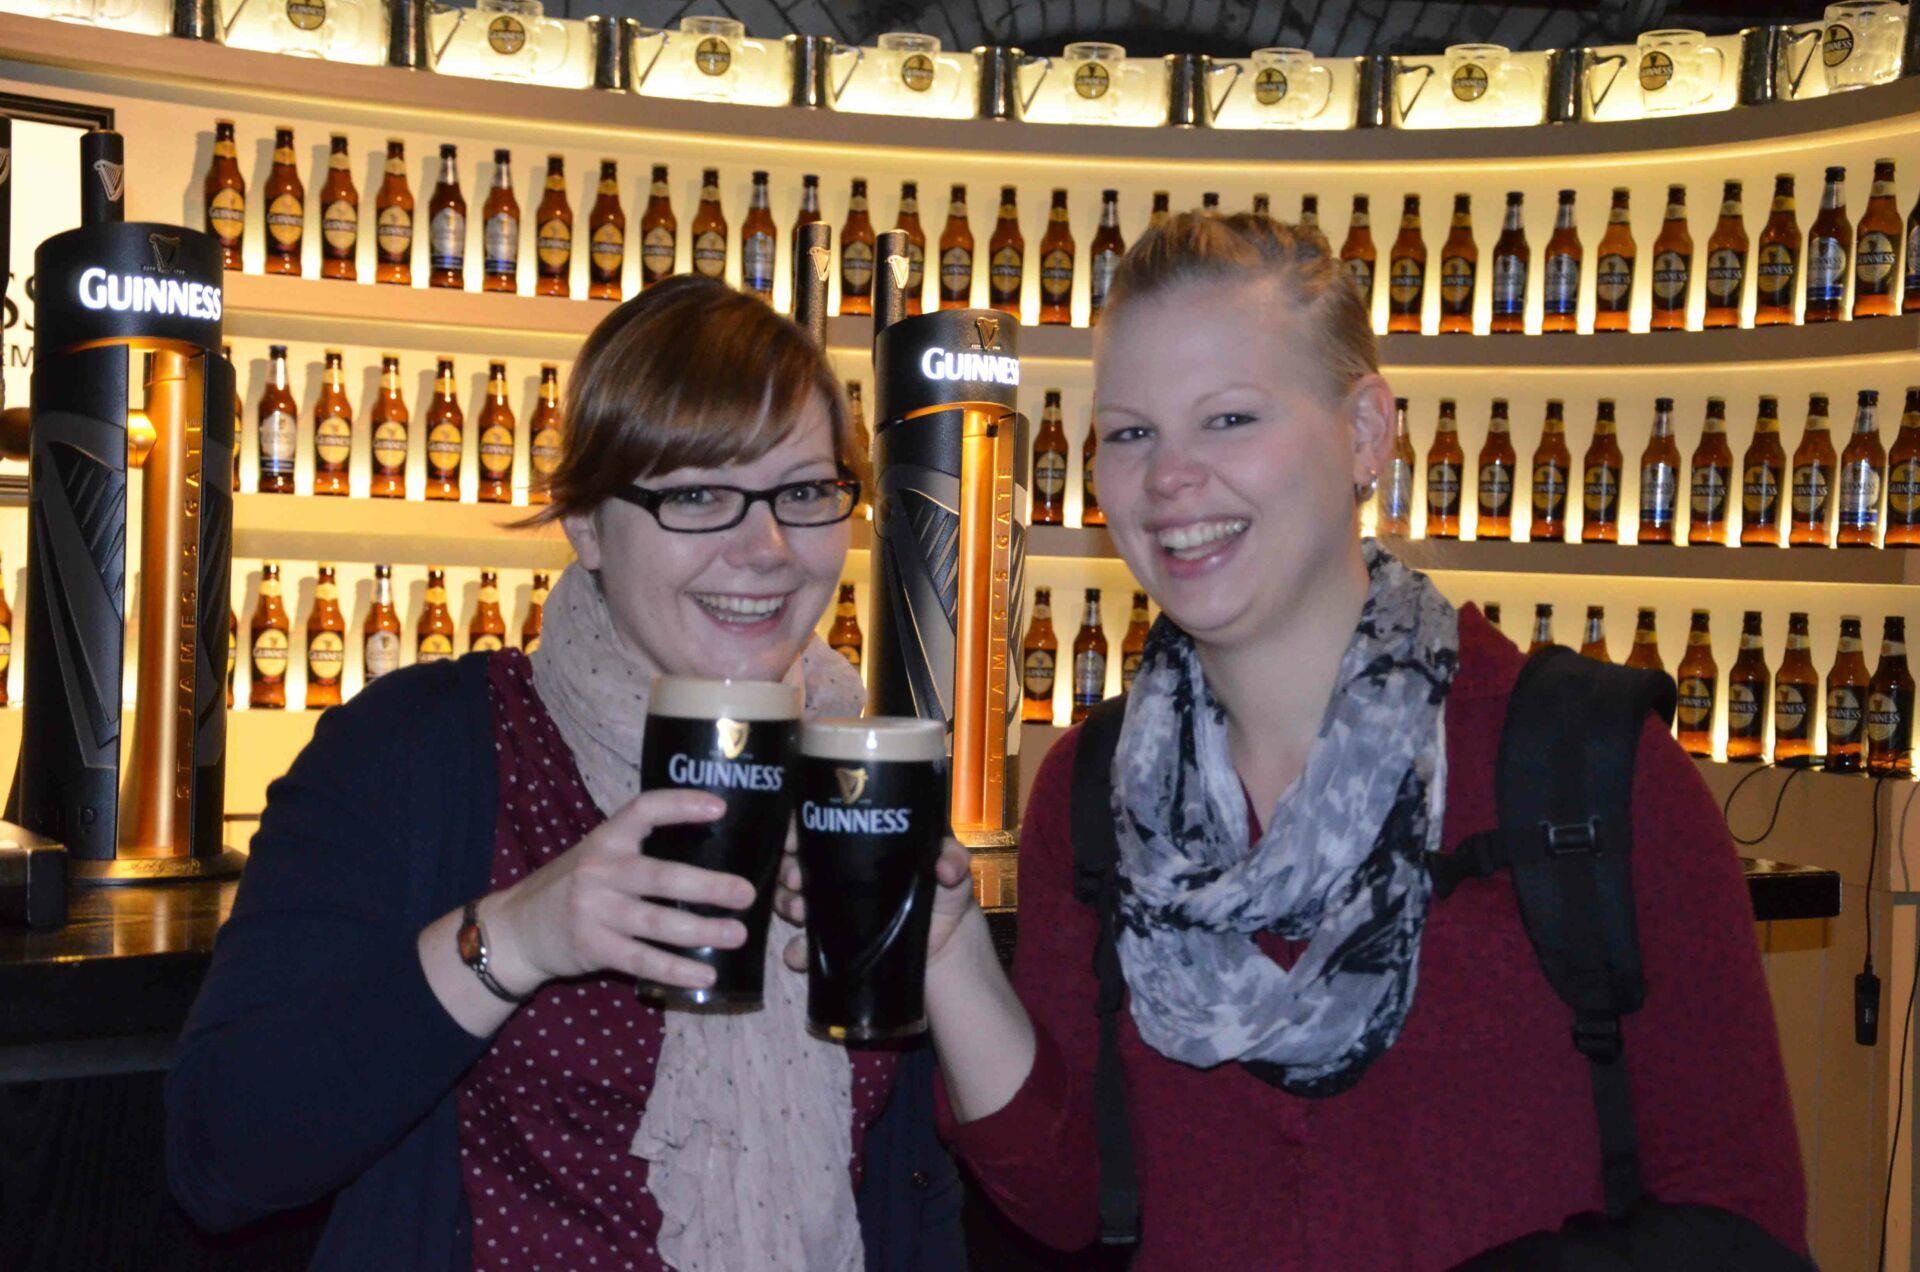 Unsere Reiseexpertin Tina probiert das Bier in einem landestypischen Pub in Dublin.